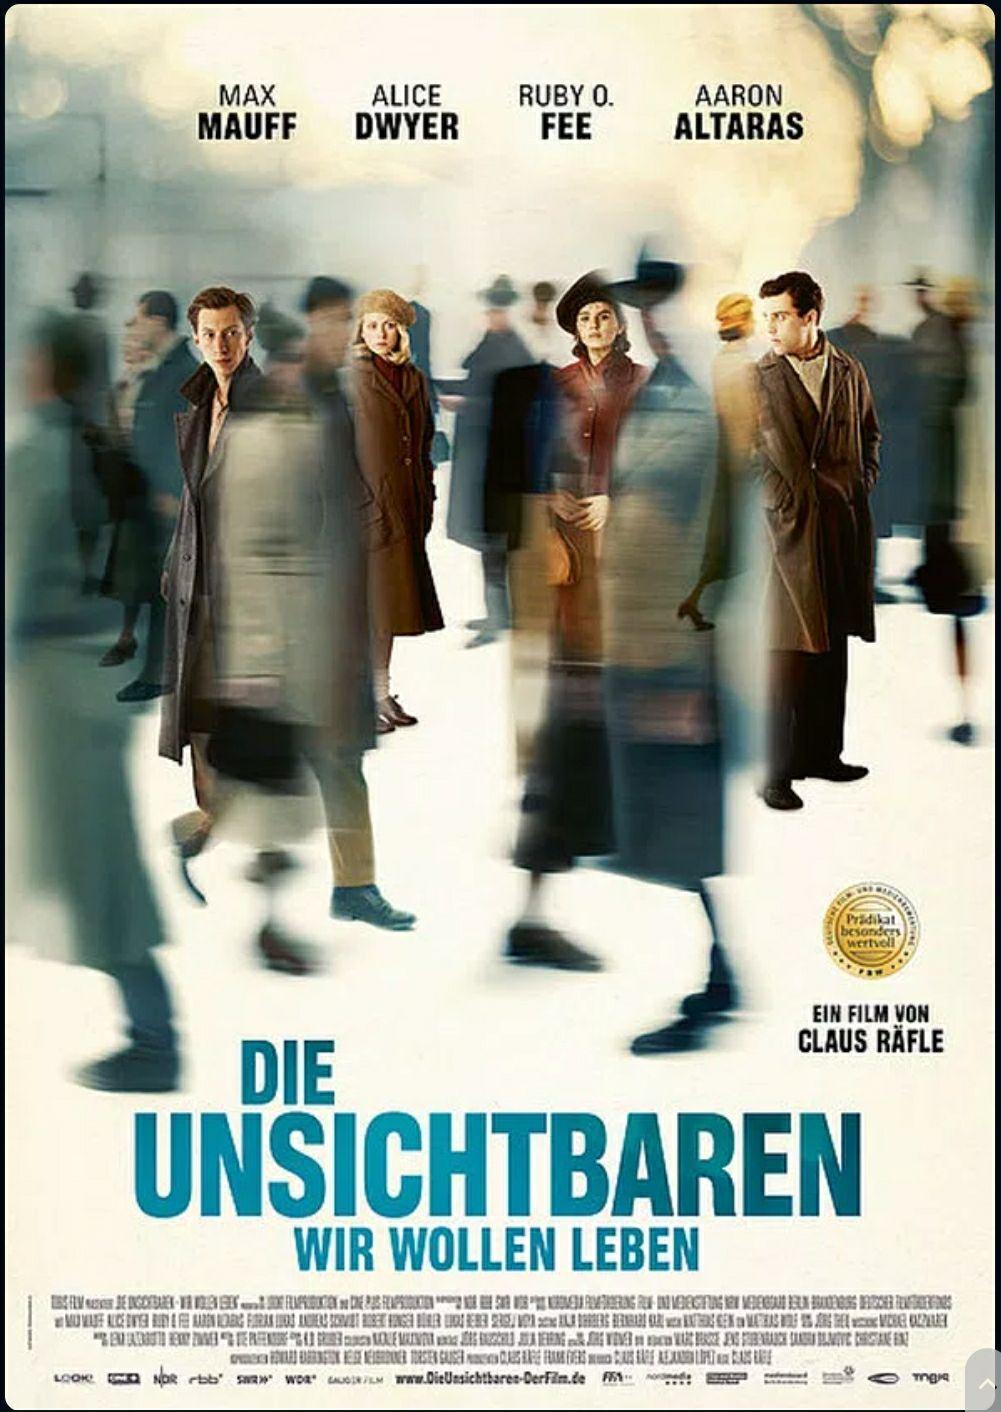 """[ARD Mediathek] """"Die Unsichtbaren - Wir wollen leben"""" kostenlos streamen [IMDb 7.2]"""